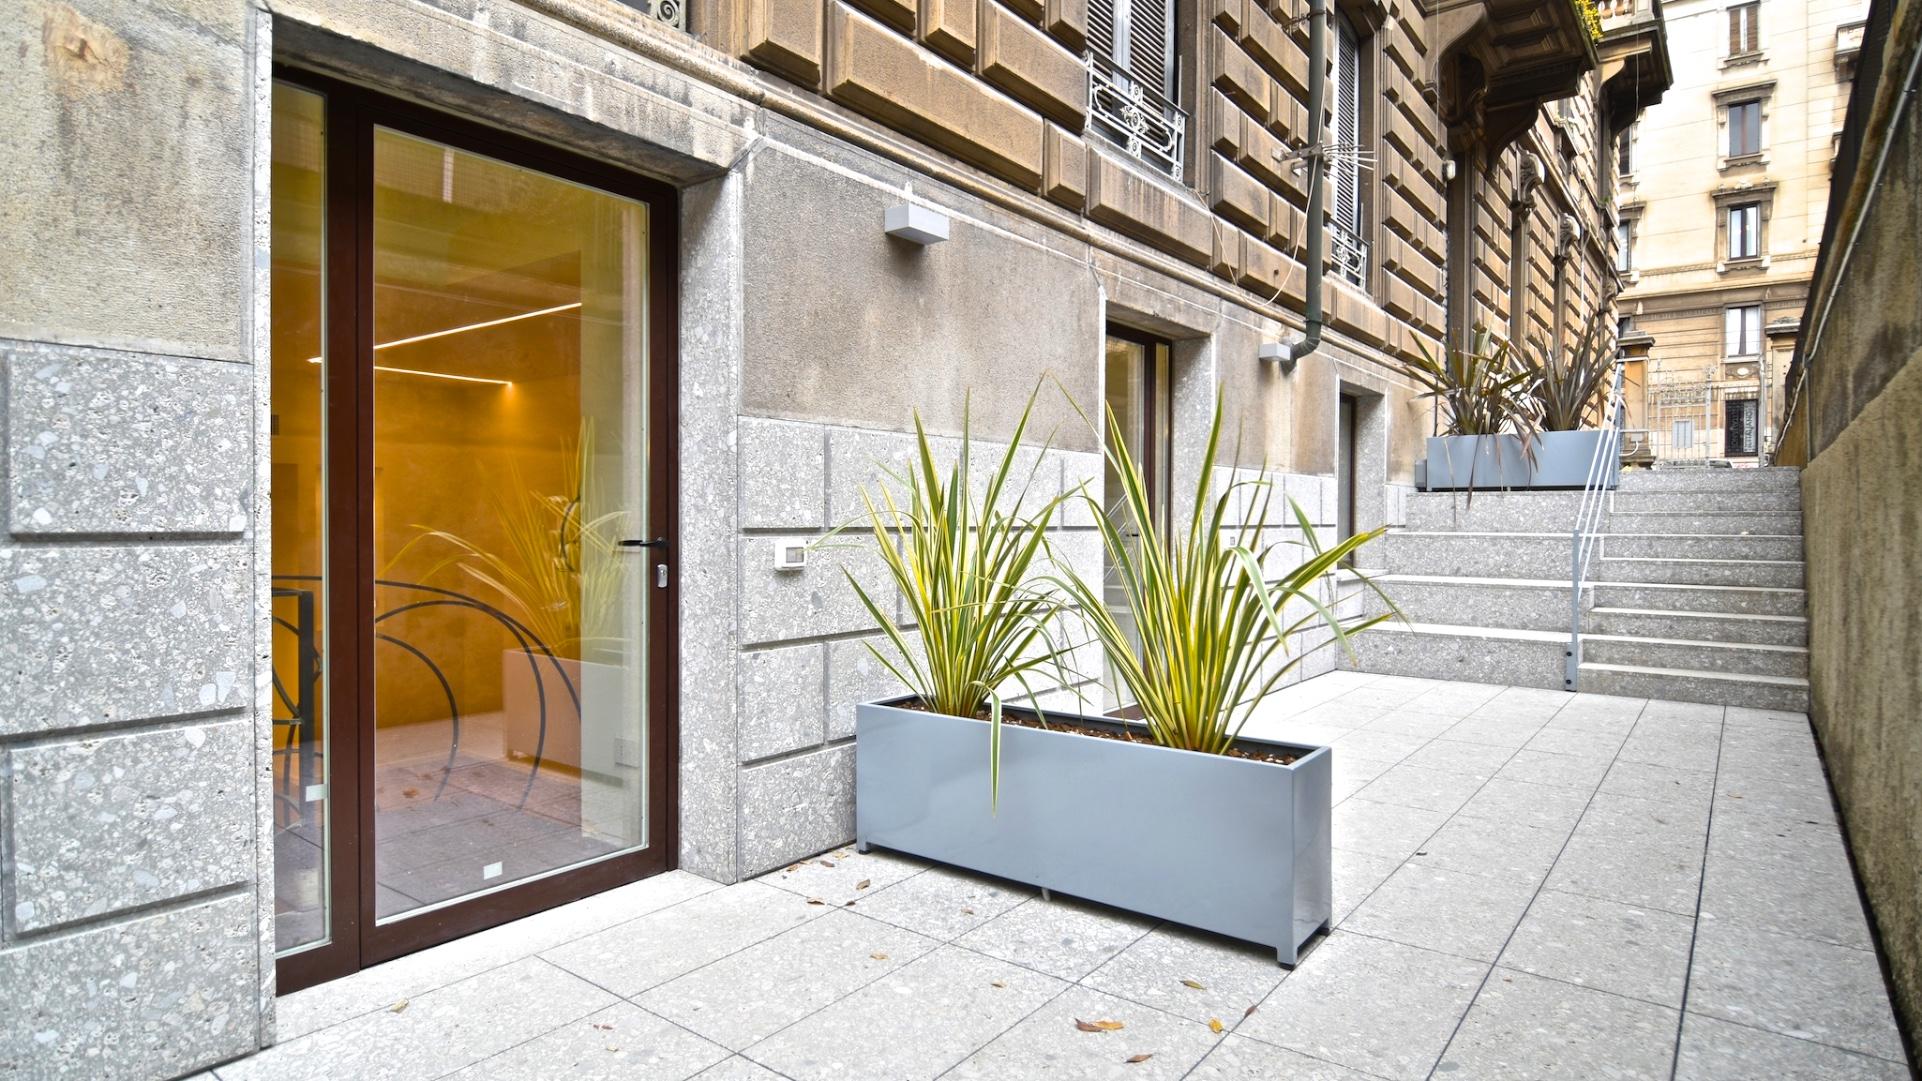 Vendita bilocale piazza Cincinnato, nuova realizzazione, seminterrato, con giardino privato, posto moto, ristrutturato, centro Milano